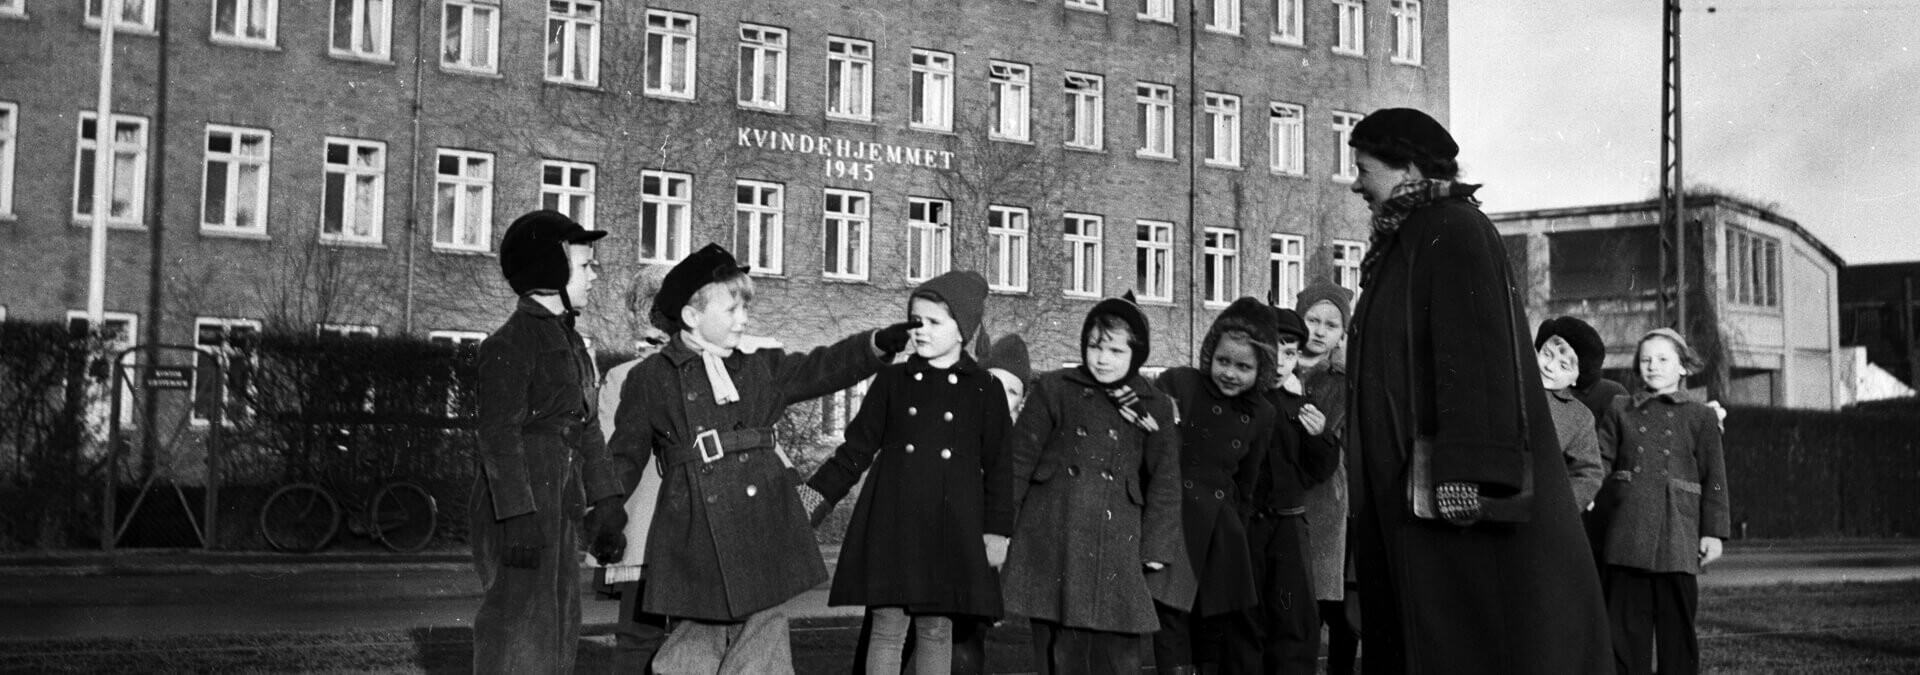 En række børn står foran Kvindehjemmets nye hus på Jagtvej, Kvindehjemmets historie